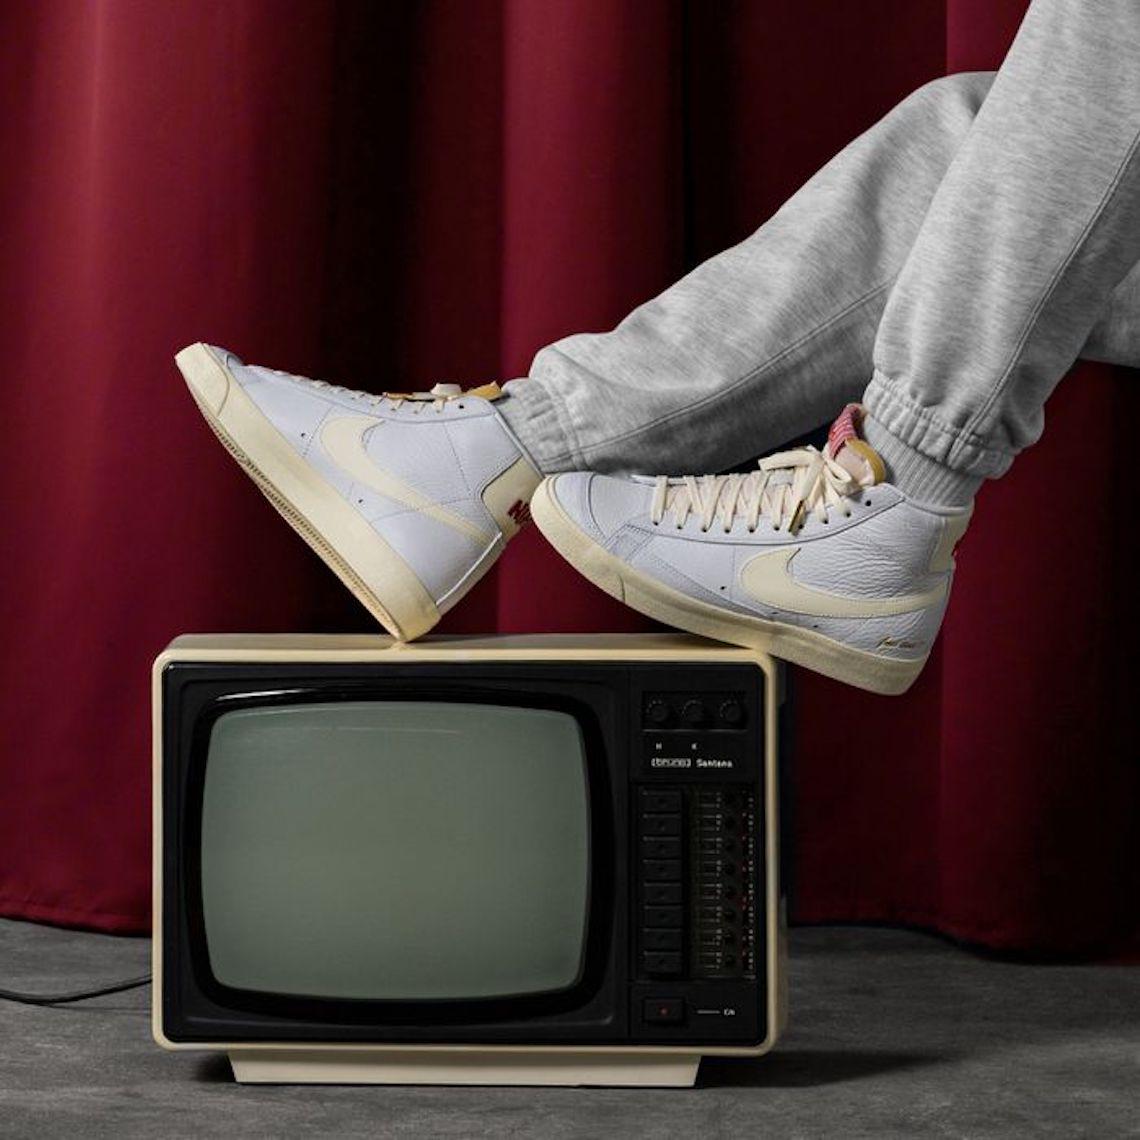 Nike-Blazer-Popcorn-CW6421-100-1.jpg?w=1140